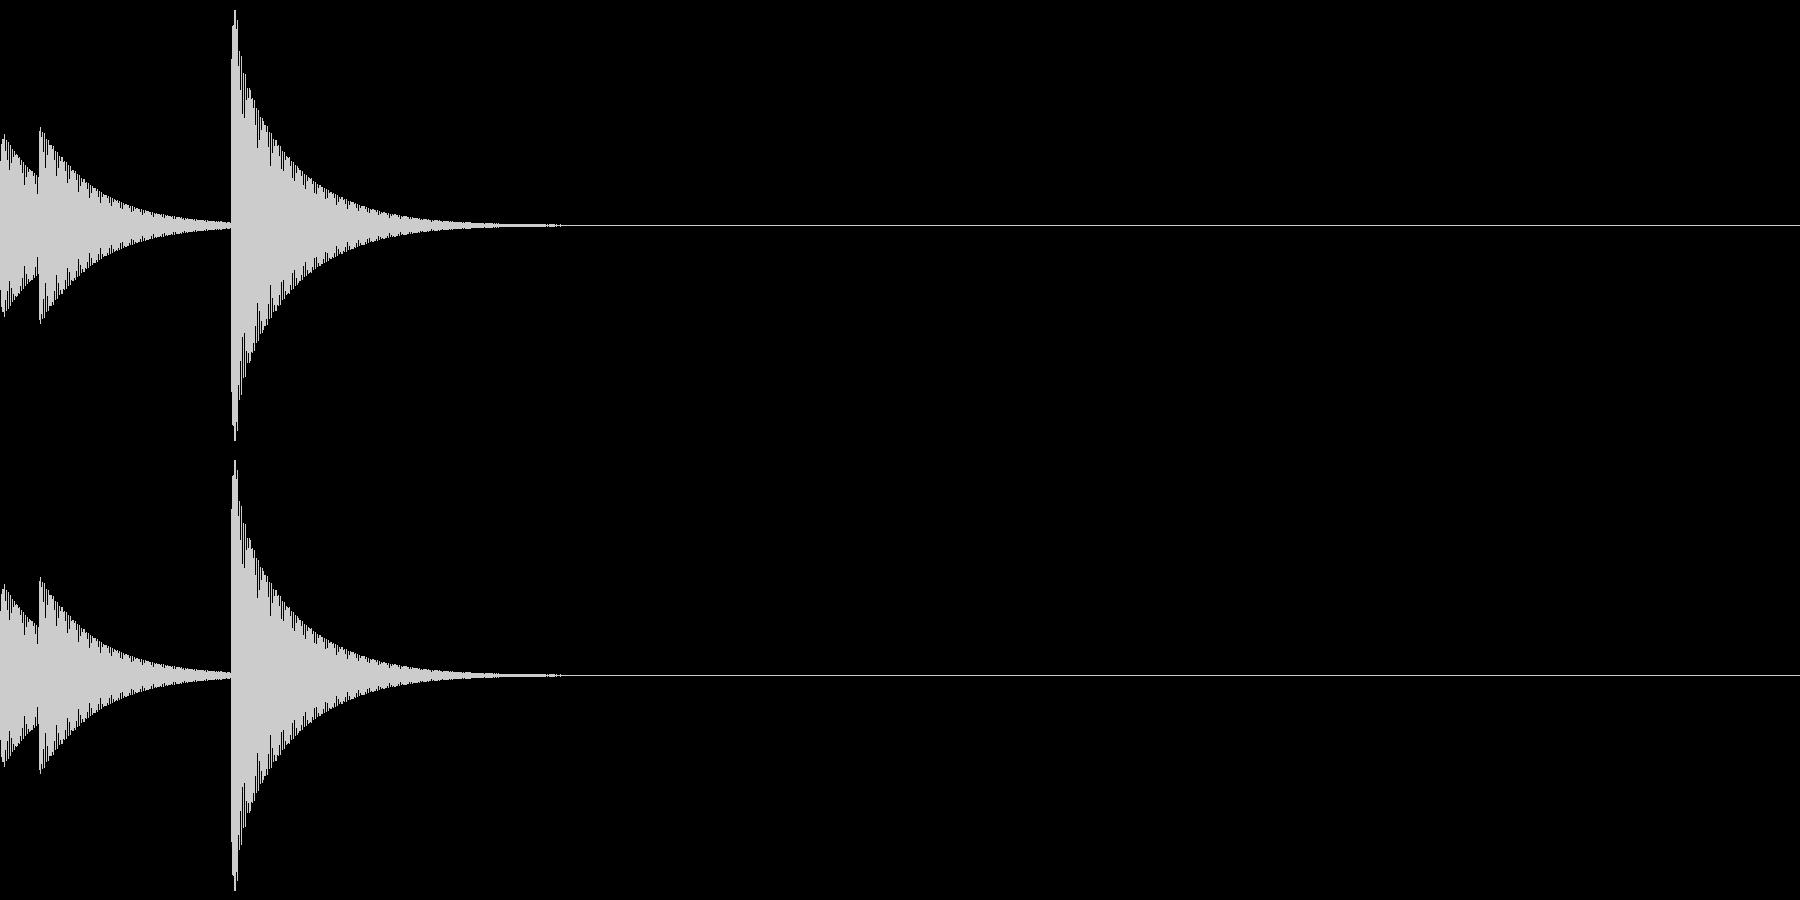 アイキャッチ/システム音/エラー音/4Aの未再生の波形